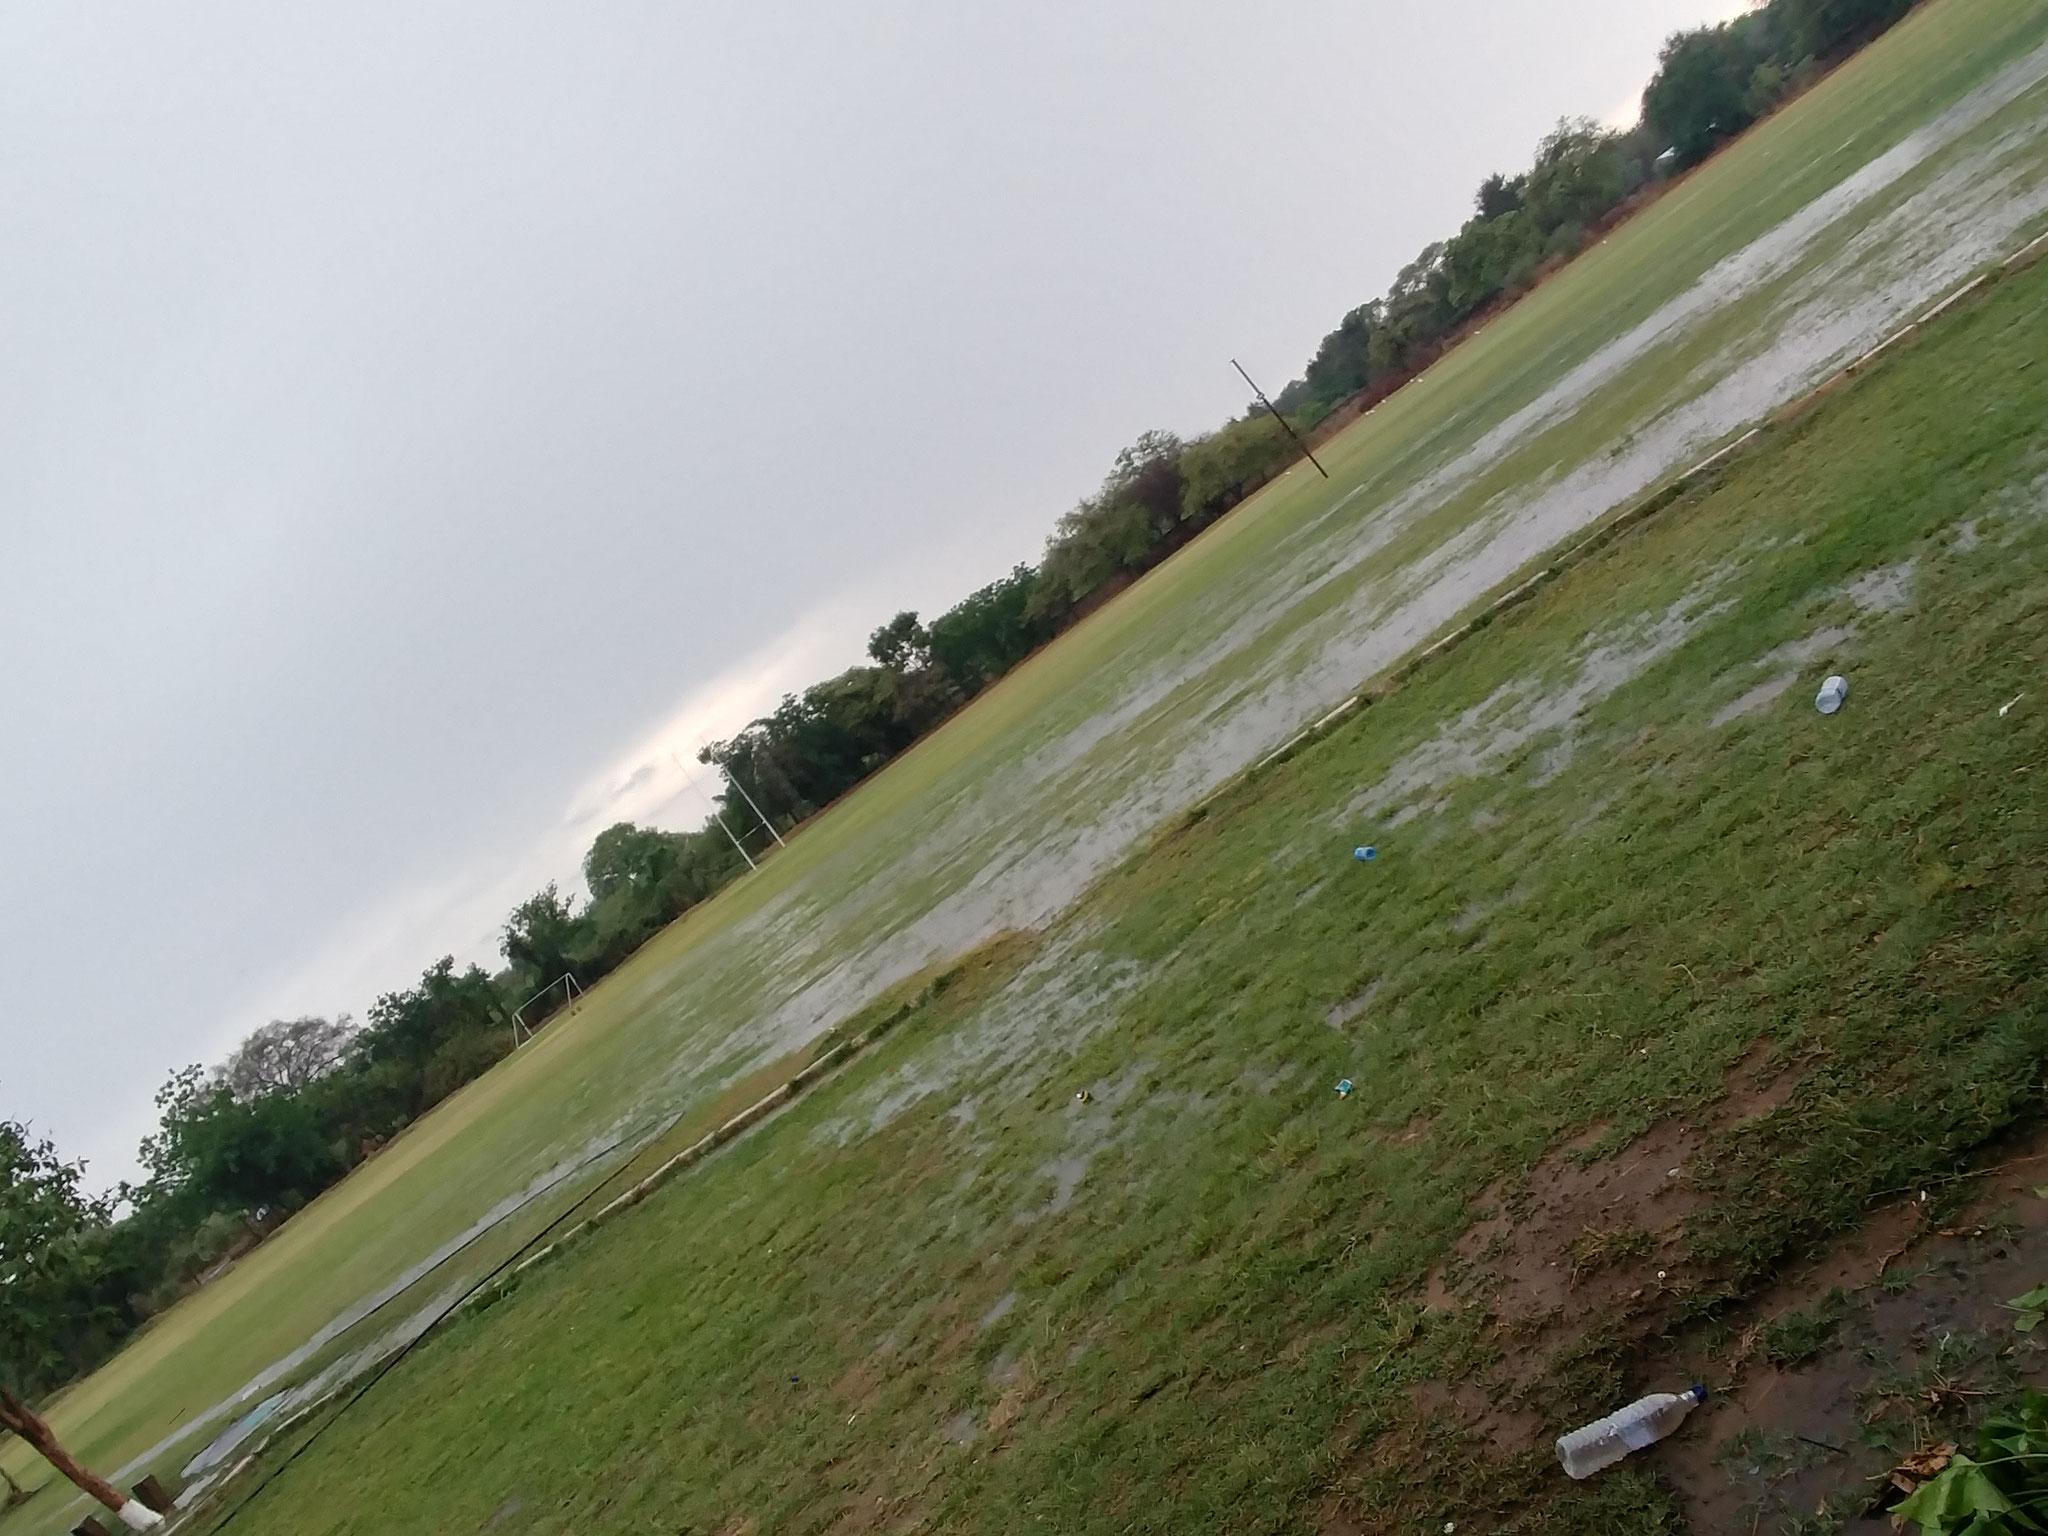 Sportplatz nach einem Gewitter - eine einzige Schlammschlacht